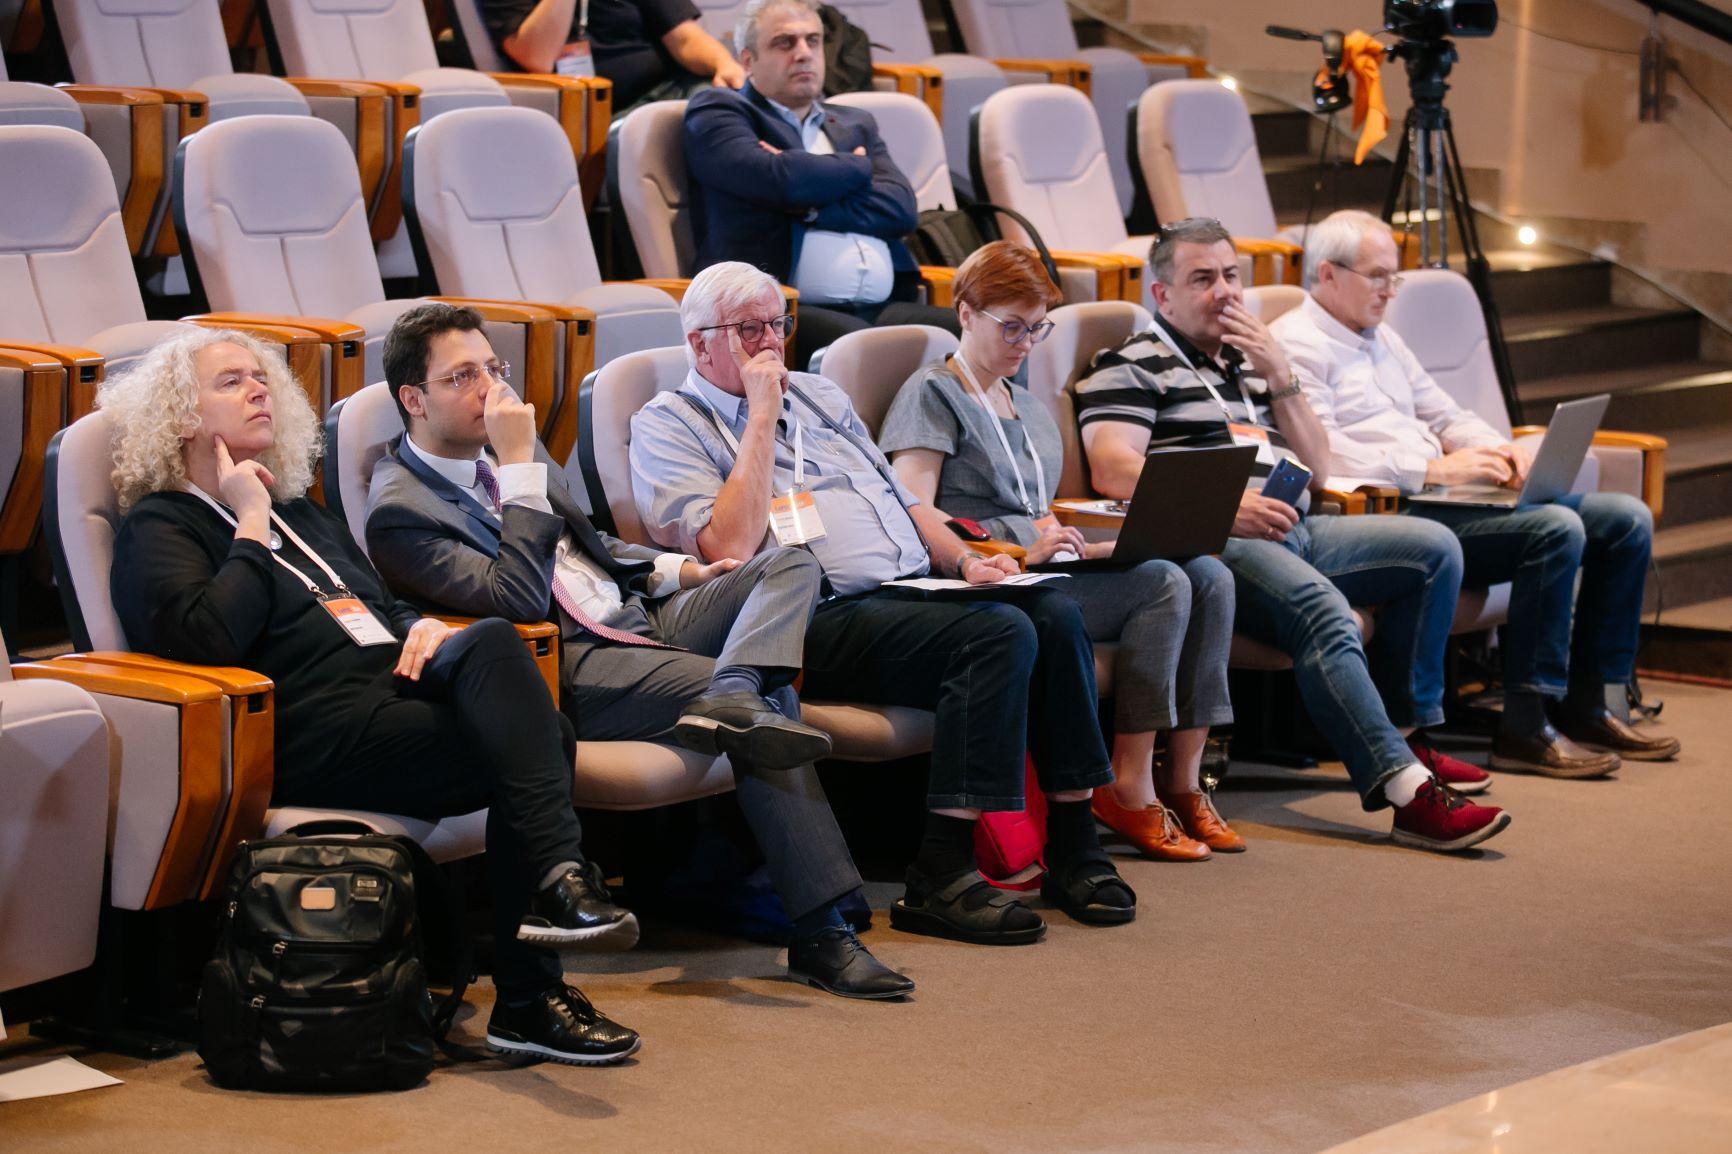 Командна робота працівників УРАНу: сидіти в першому ряду, вбирати кожне слово доповідачів і створювати пости для Фейсбуку і Твіттера